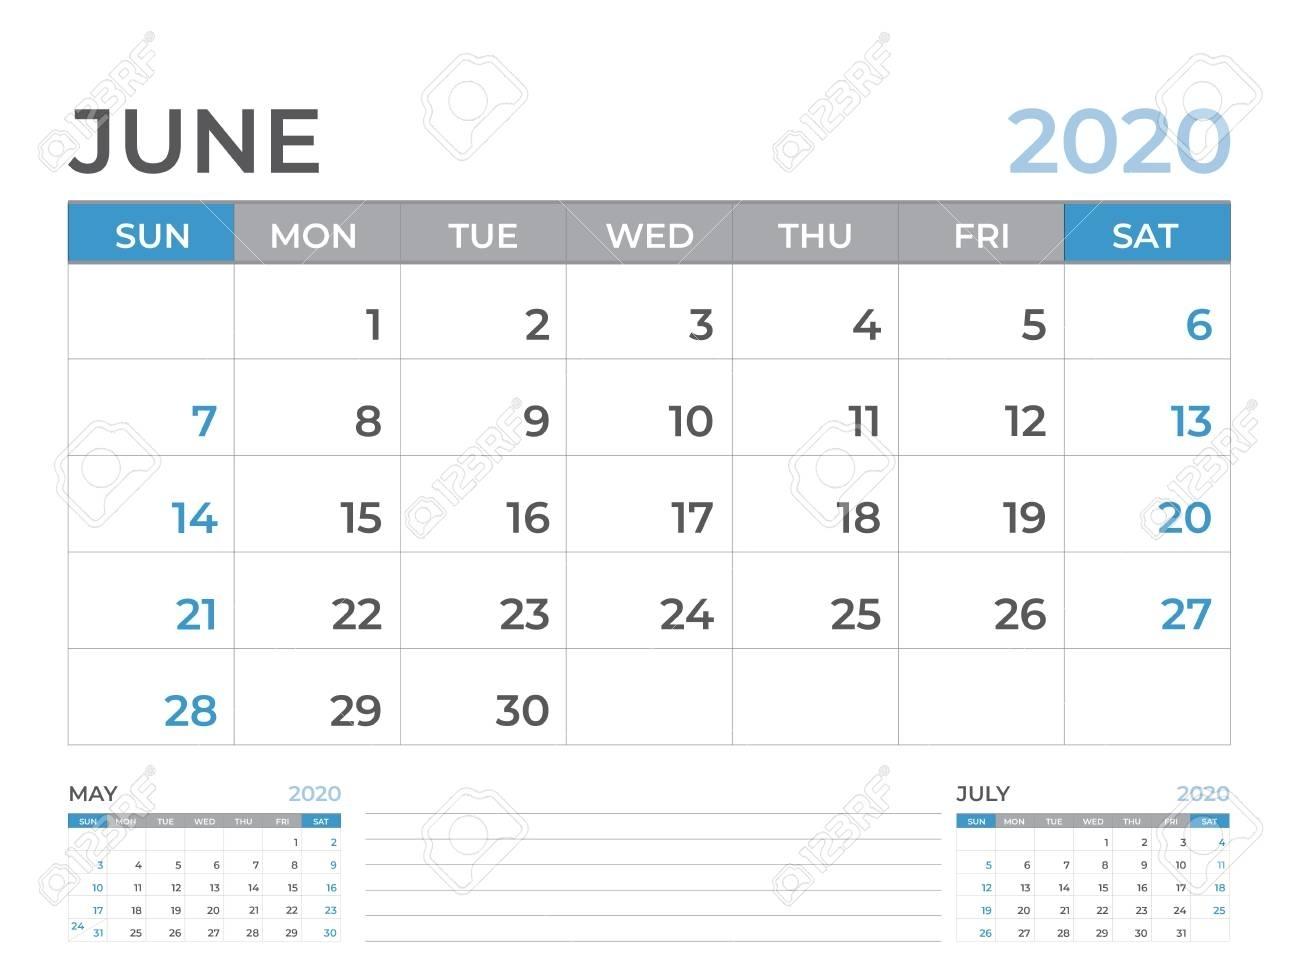 June 2020 Calendar Template, Desk Calendar Layout Size 8 X 6..